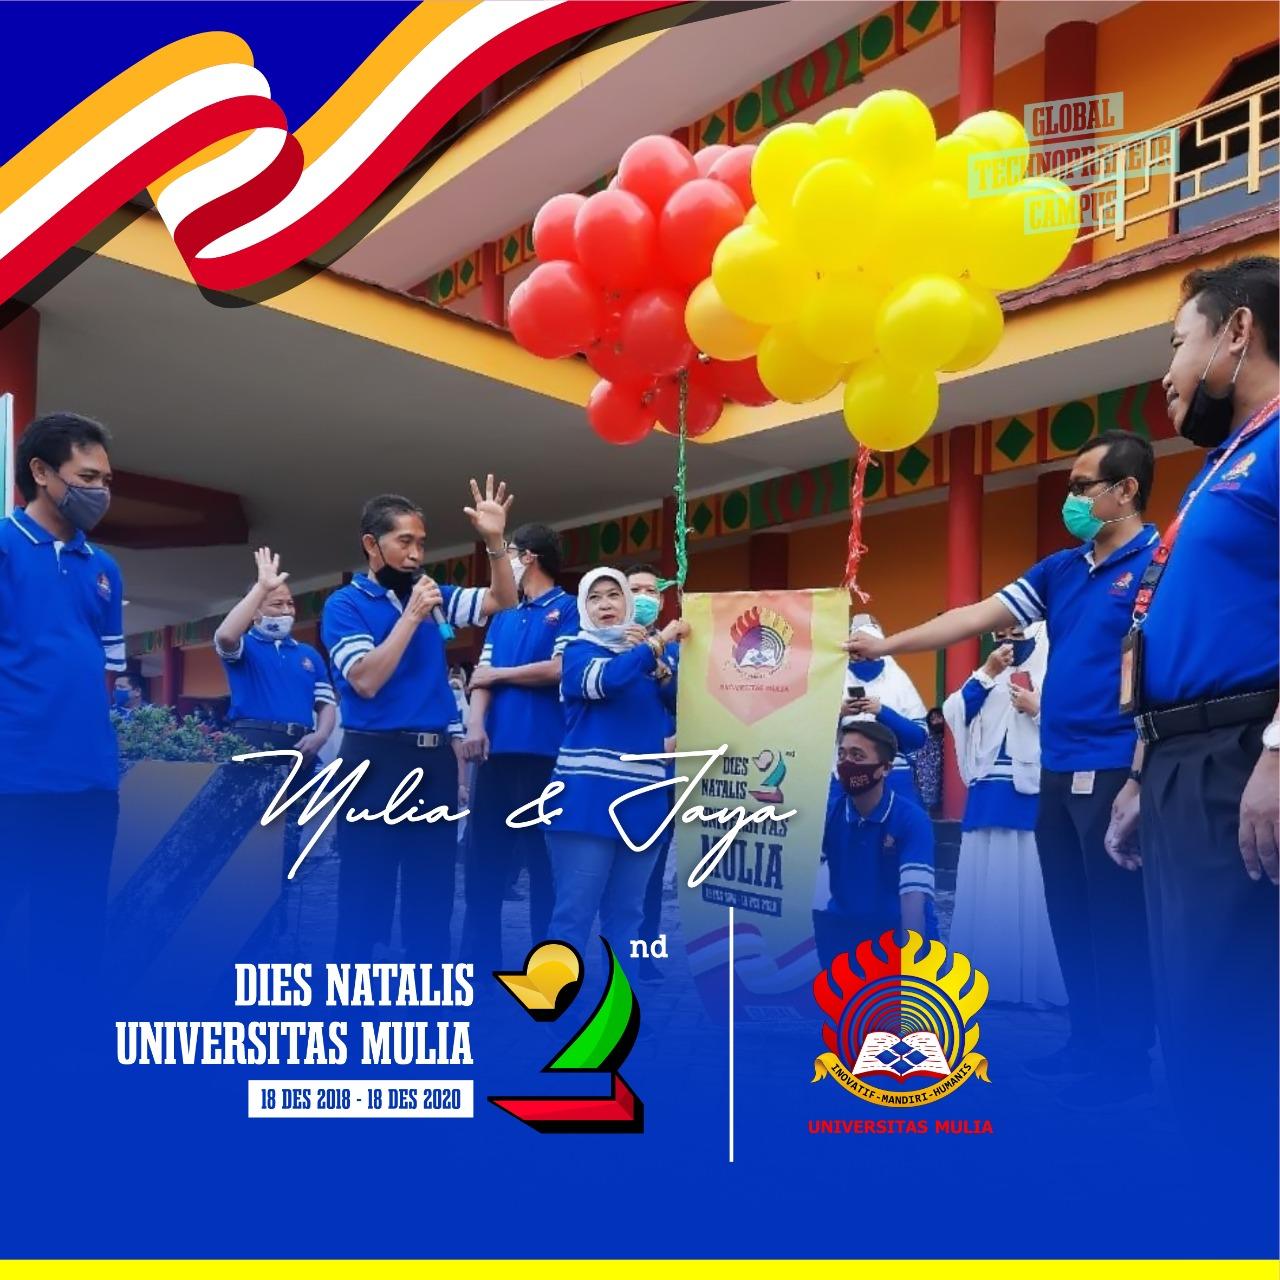 Pelepasan balon oleh Rektor dan Ketua Yayasan Airlangga di halaman Kampus Cheng Ho UM, Jumat (18/12). Foto: Biro Media Kreatif